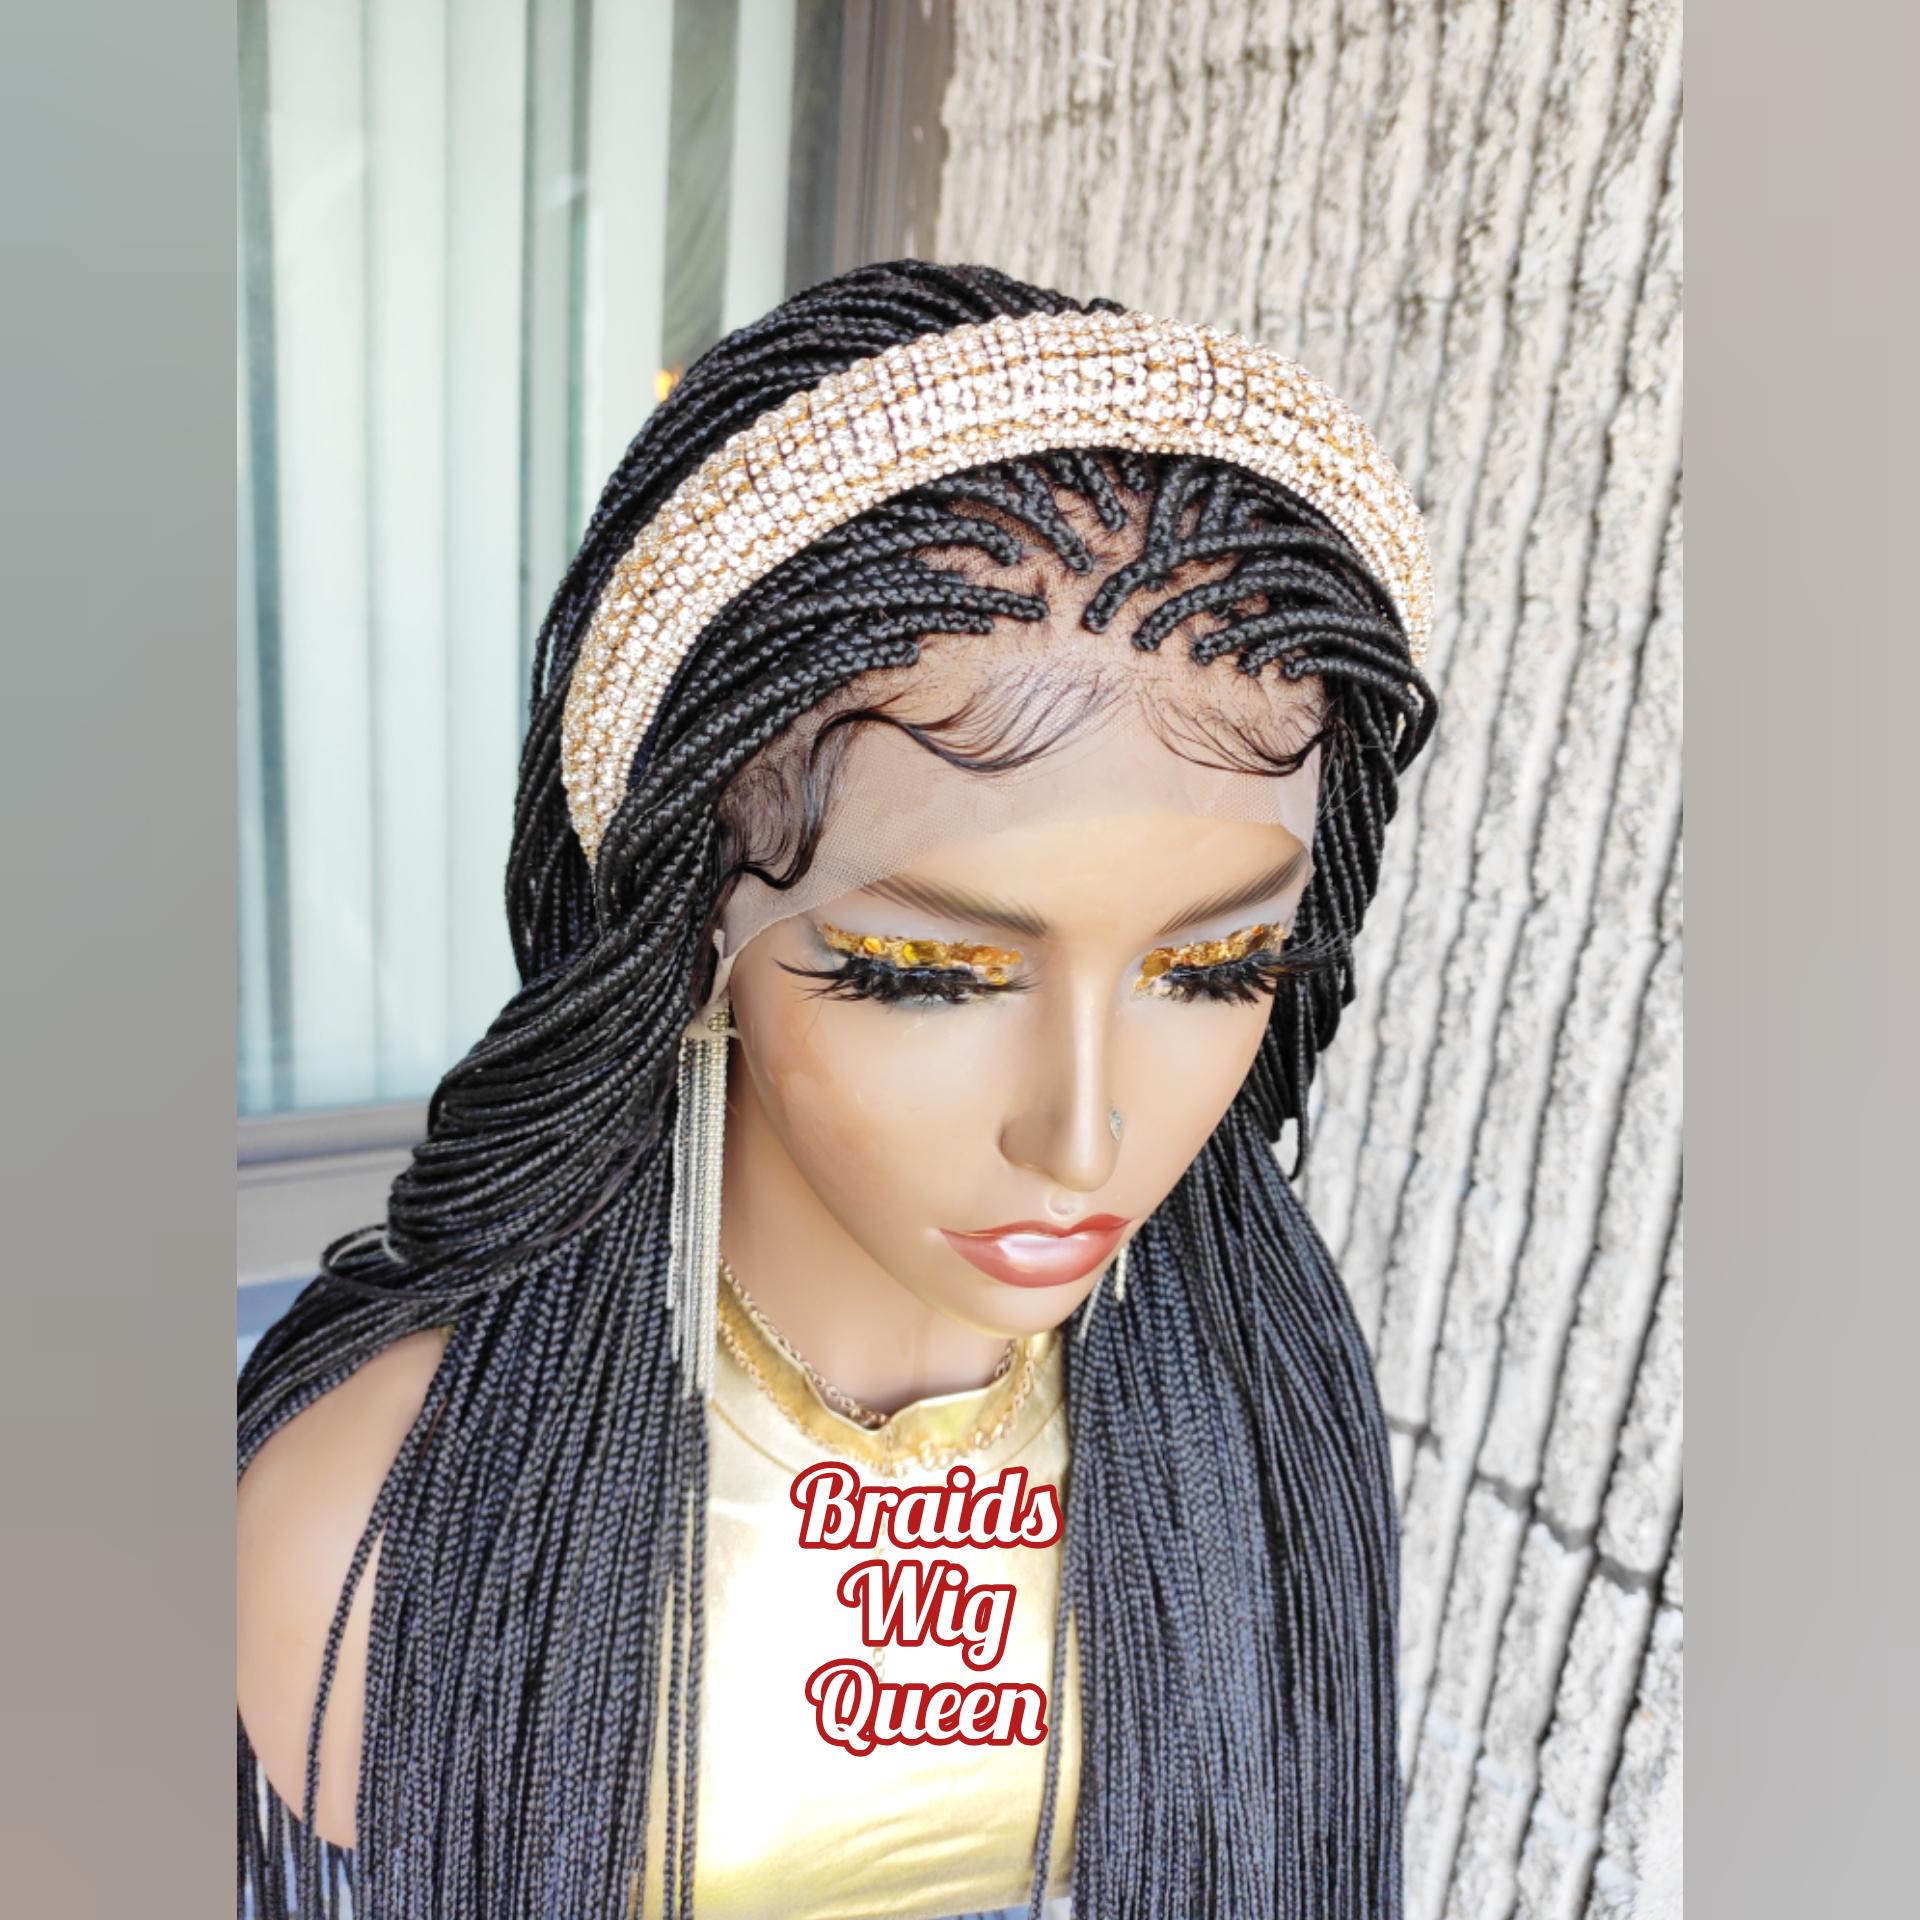 Princess Headband Braids Wig Queen